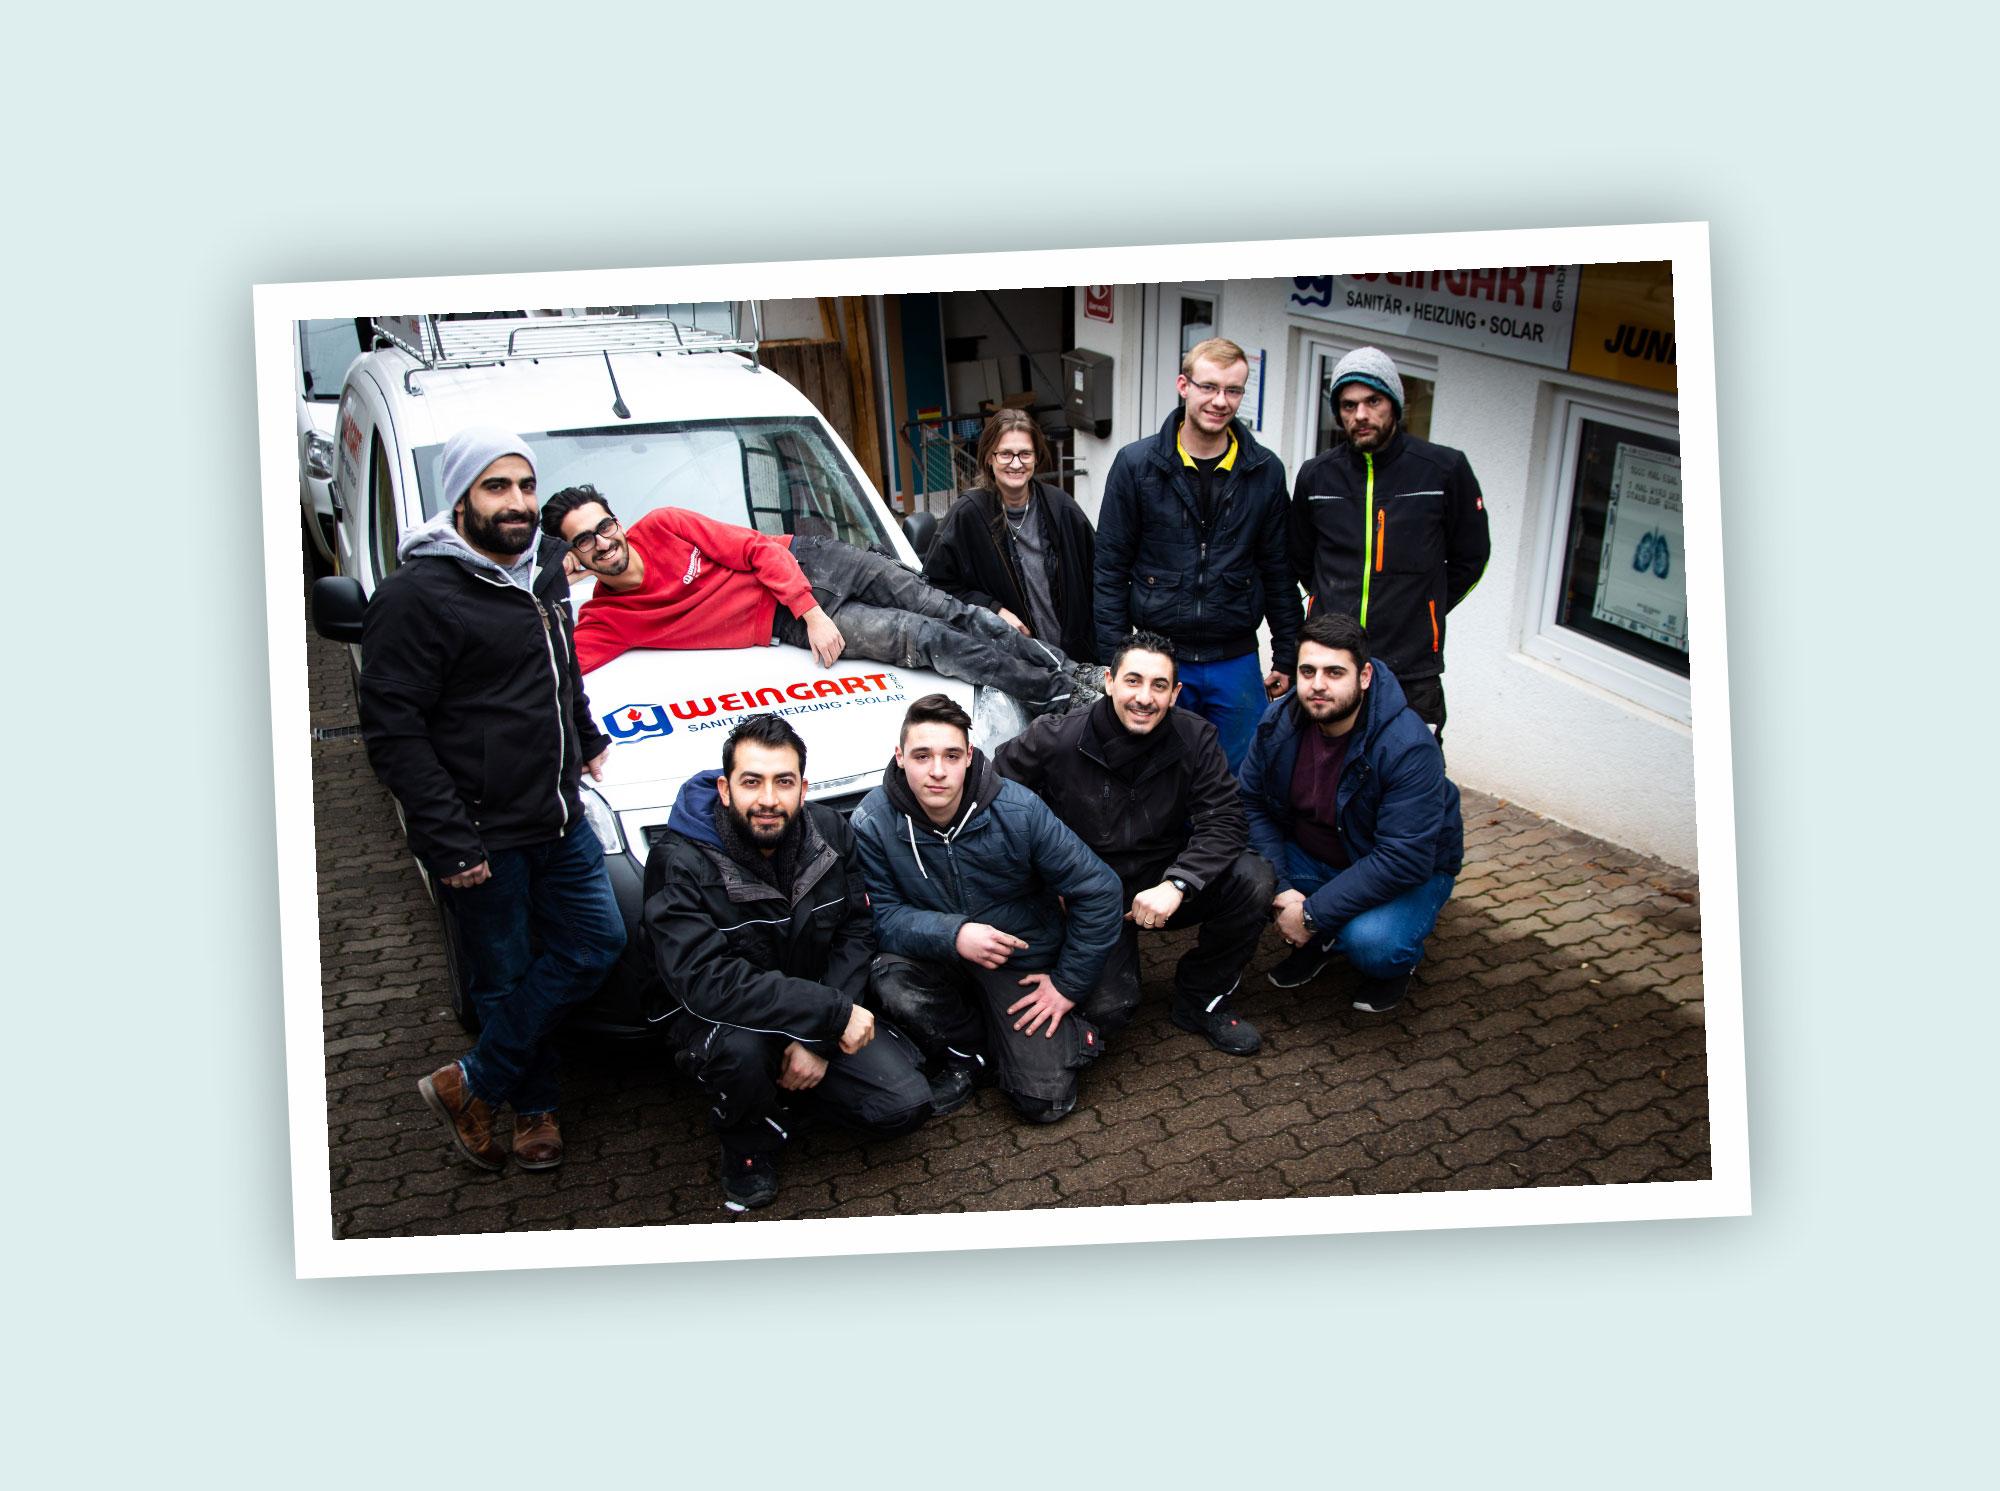 Das Team der Weingart GmbH aus Heusweiler